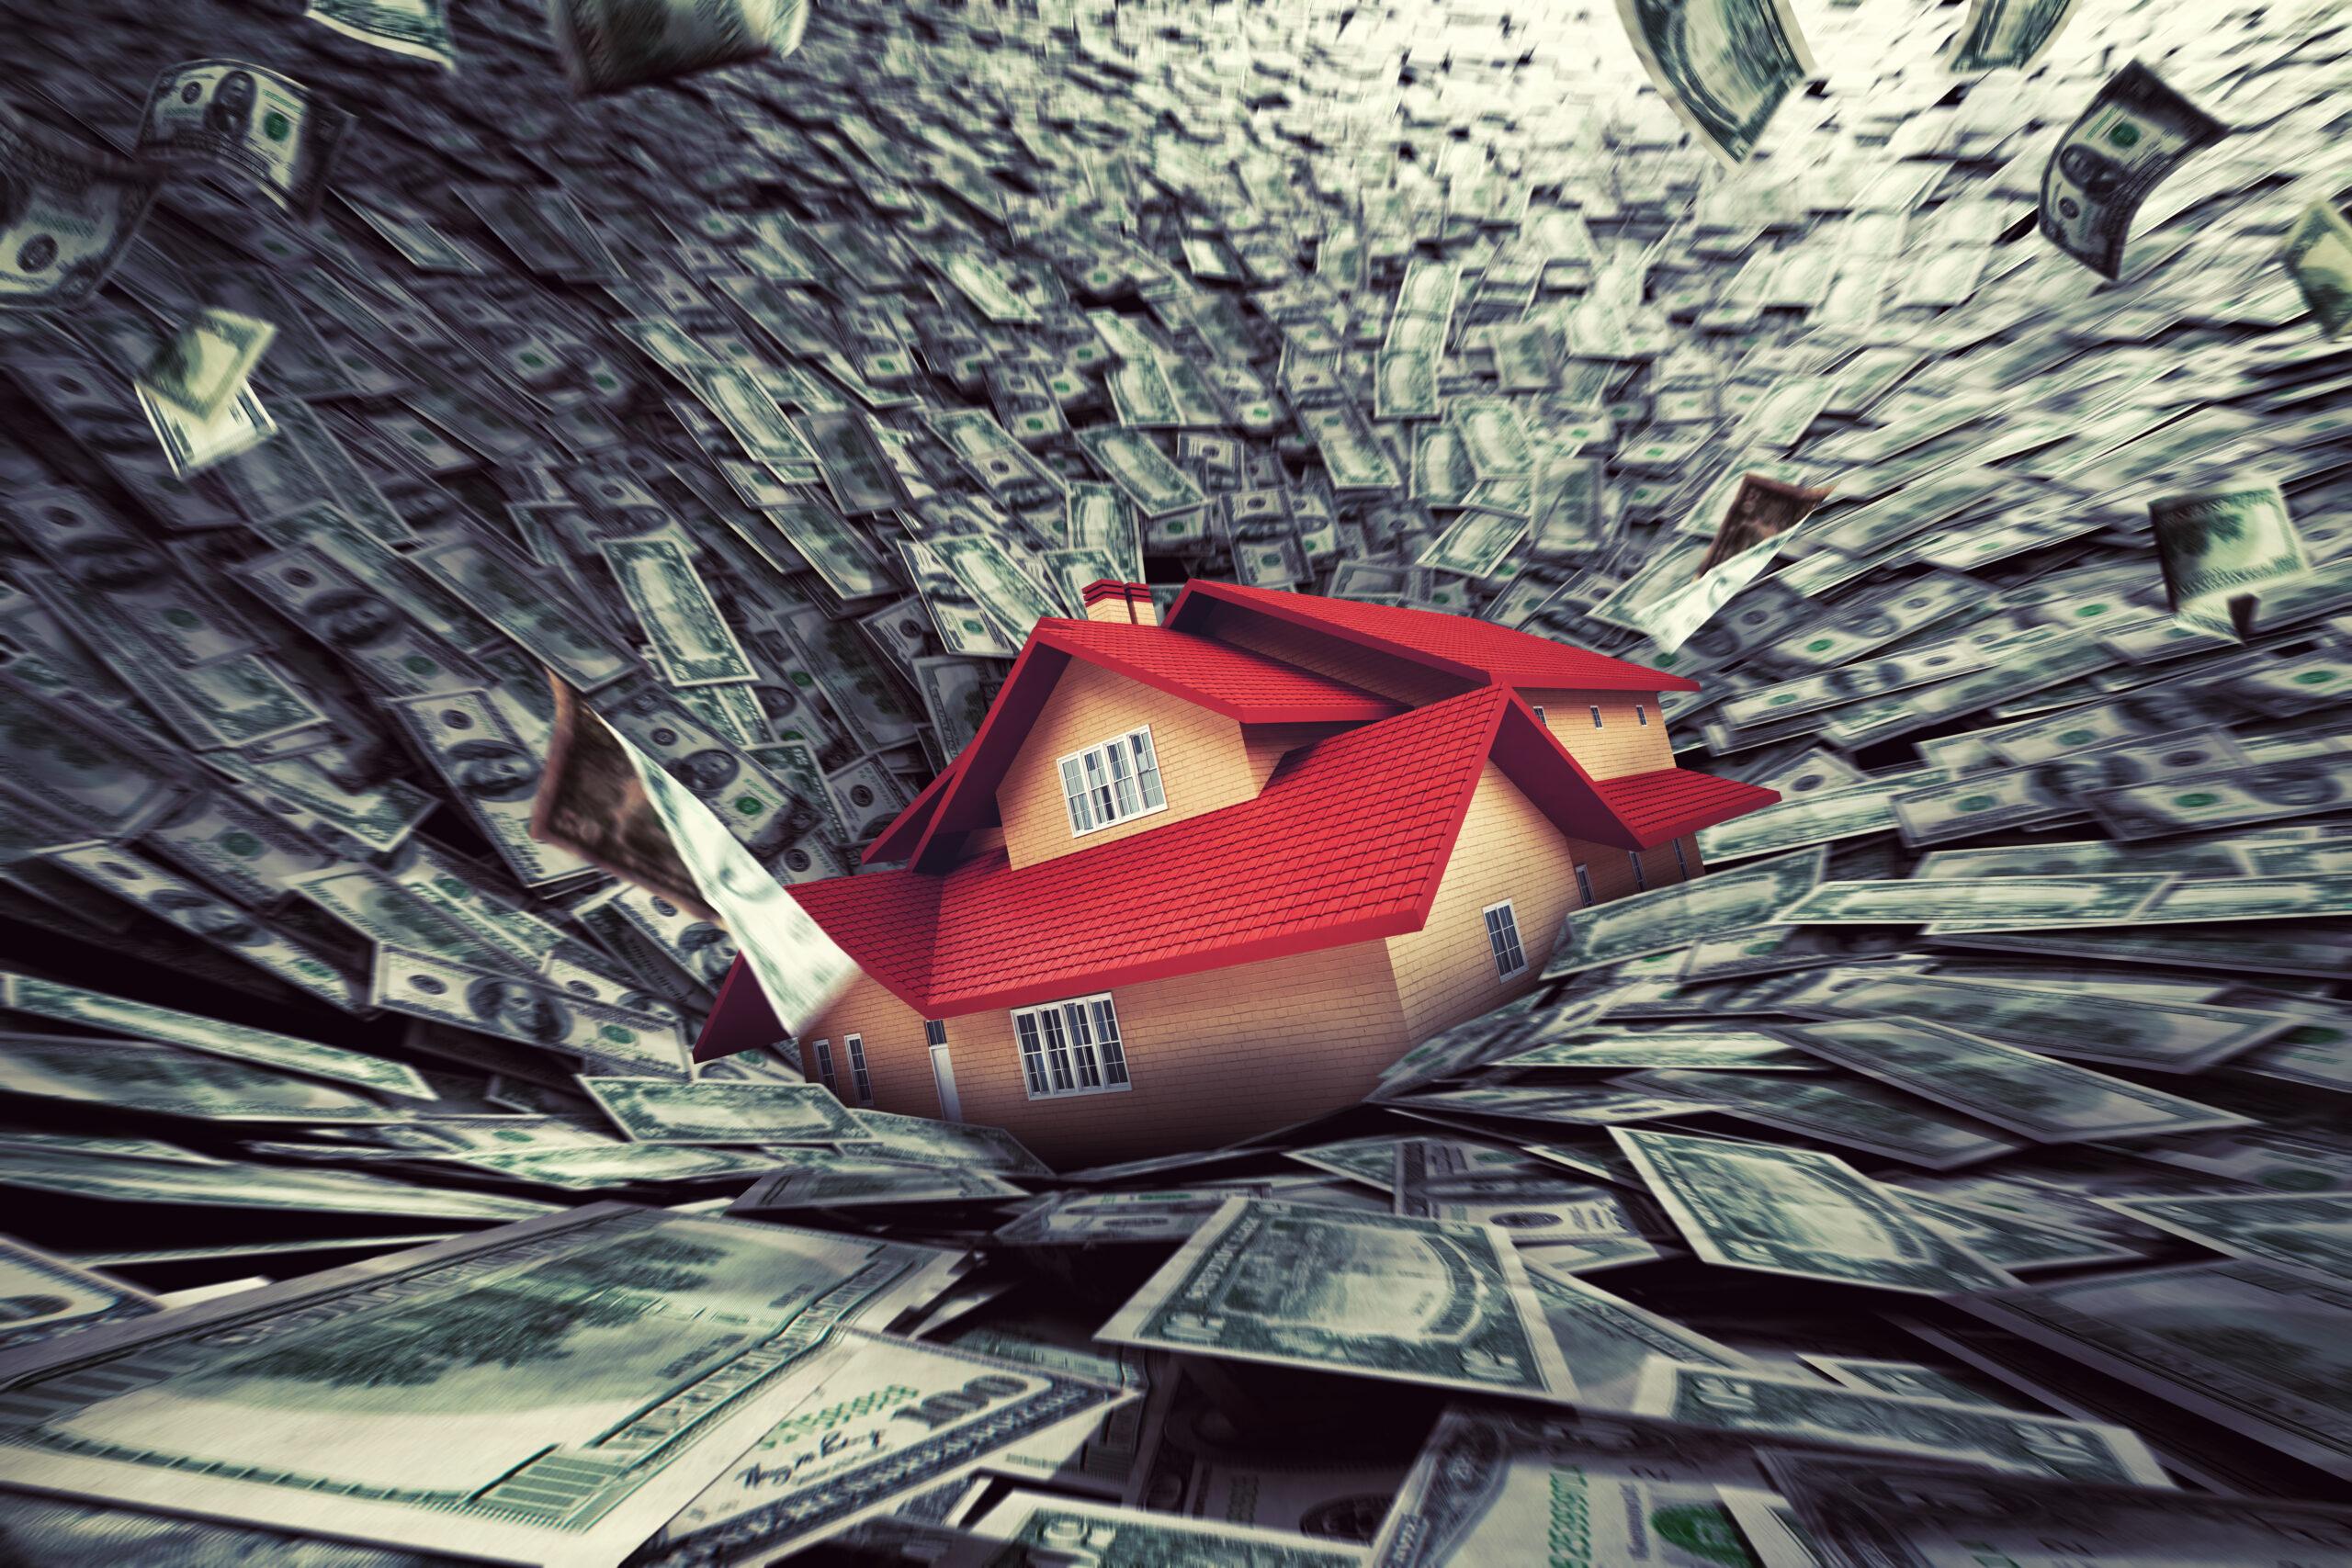 【不動産投資商品】「かぼちゃの馬車」全容と投資スキームの失敗 販売側と融資側、そして投資する側にも問題があった